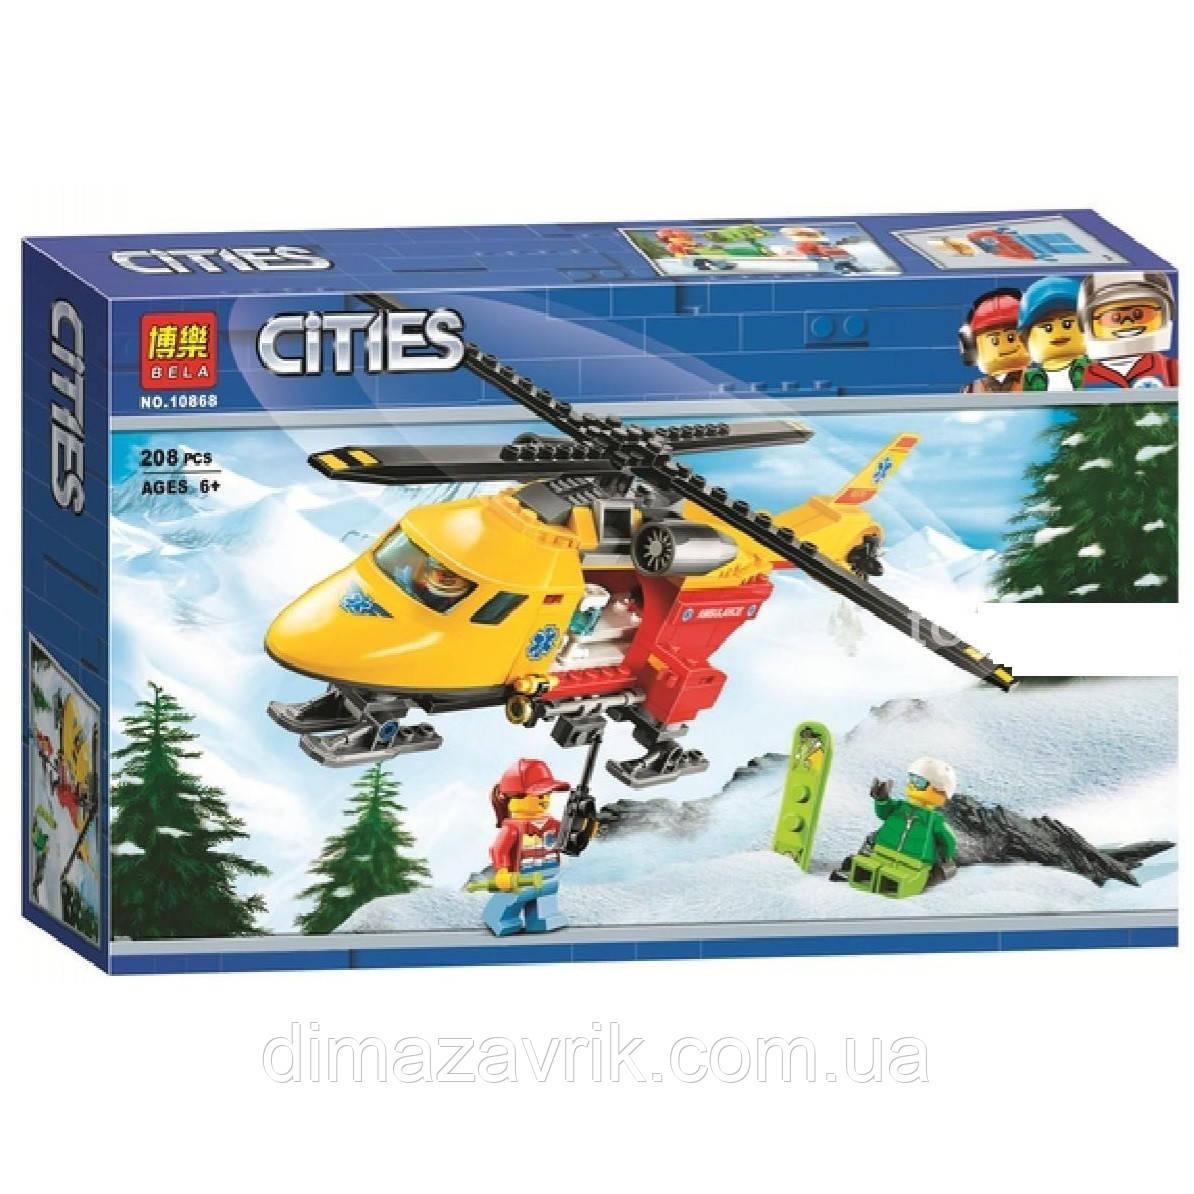 """Конструктор Bela 10868 (Аналог Lego City 60179) """"Вертолёт скорой помощи"""" 208 деталей"""